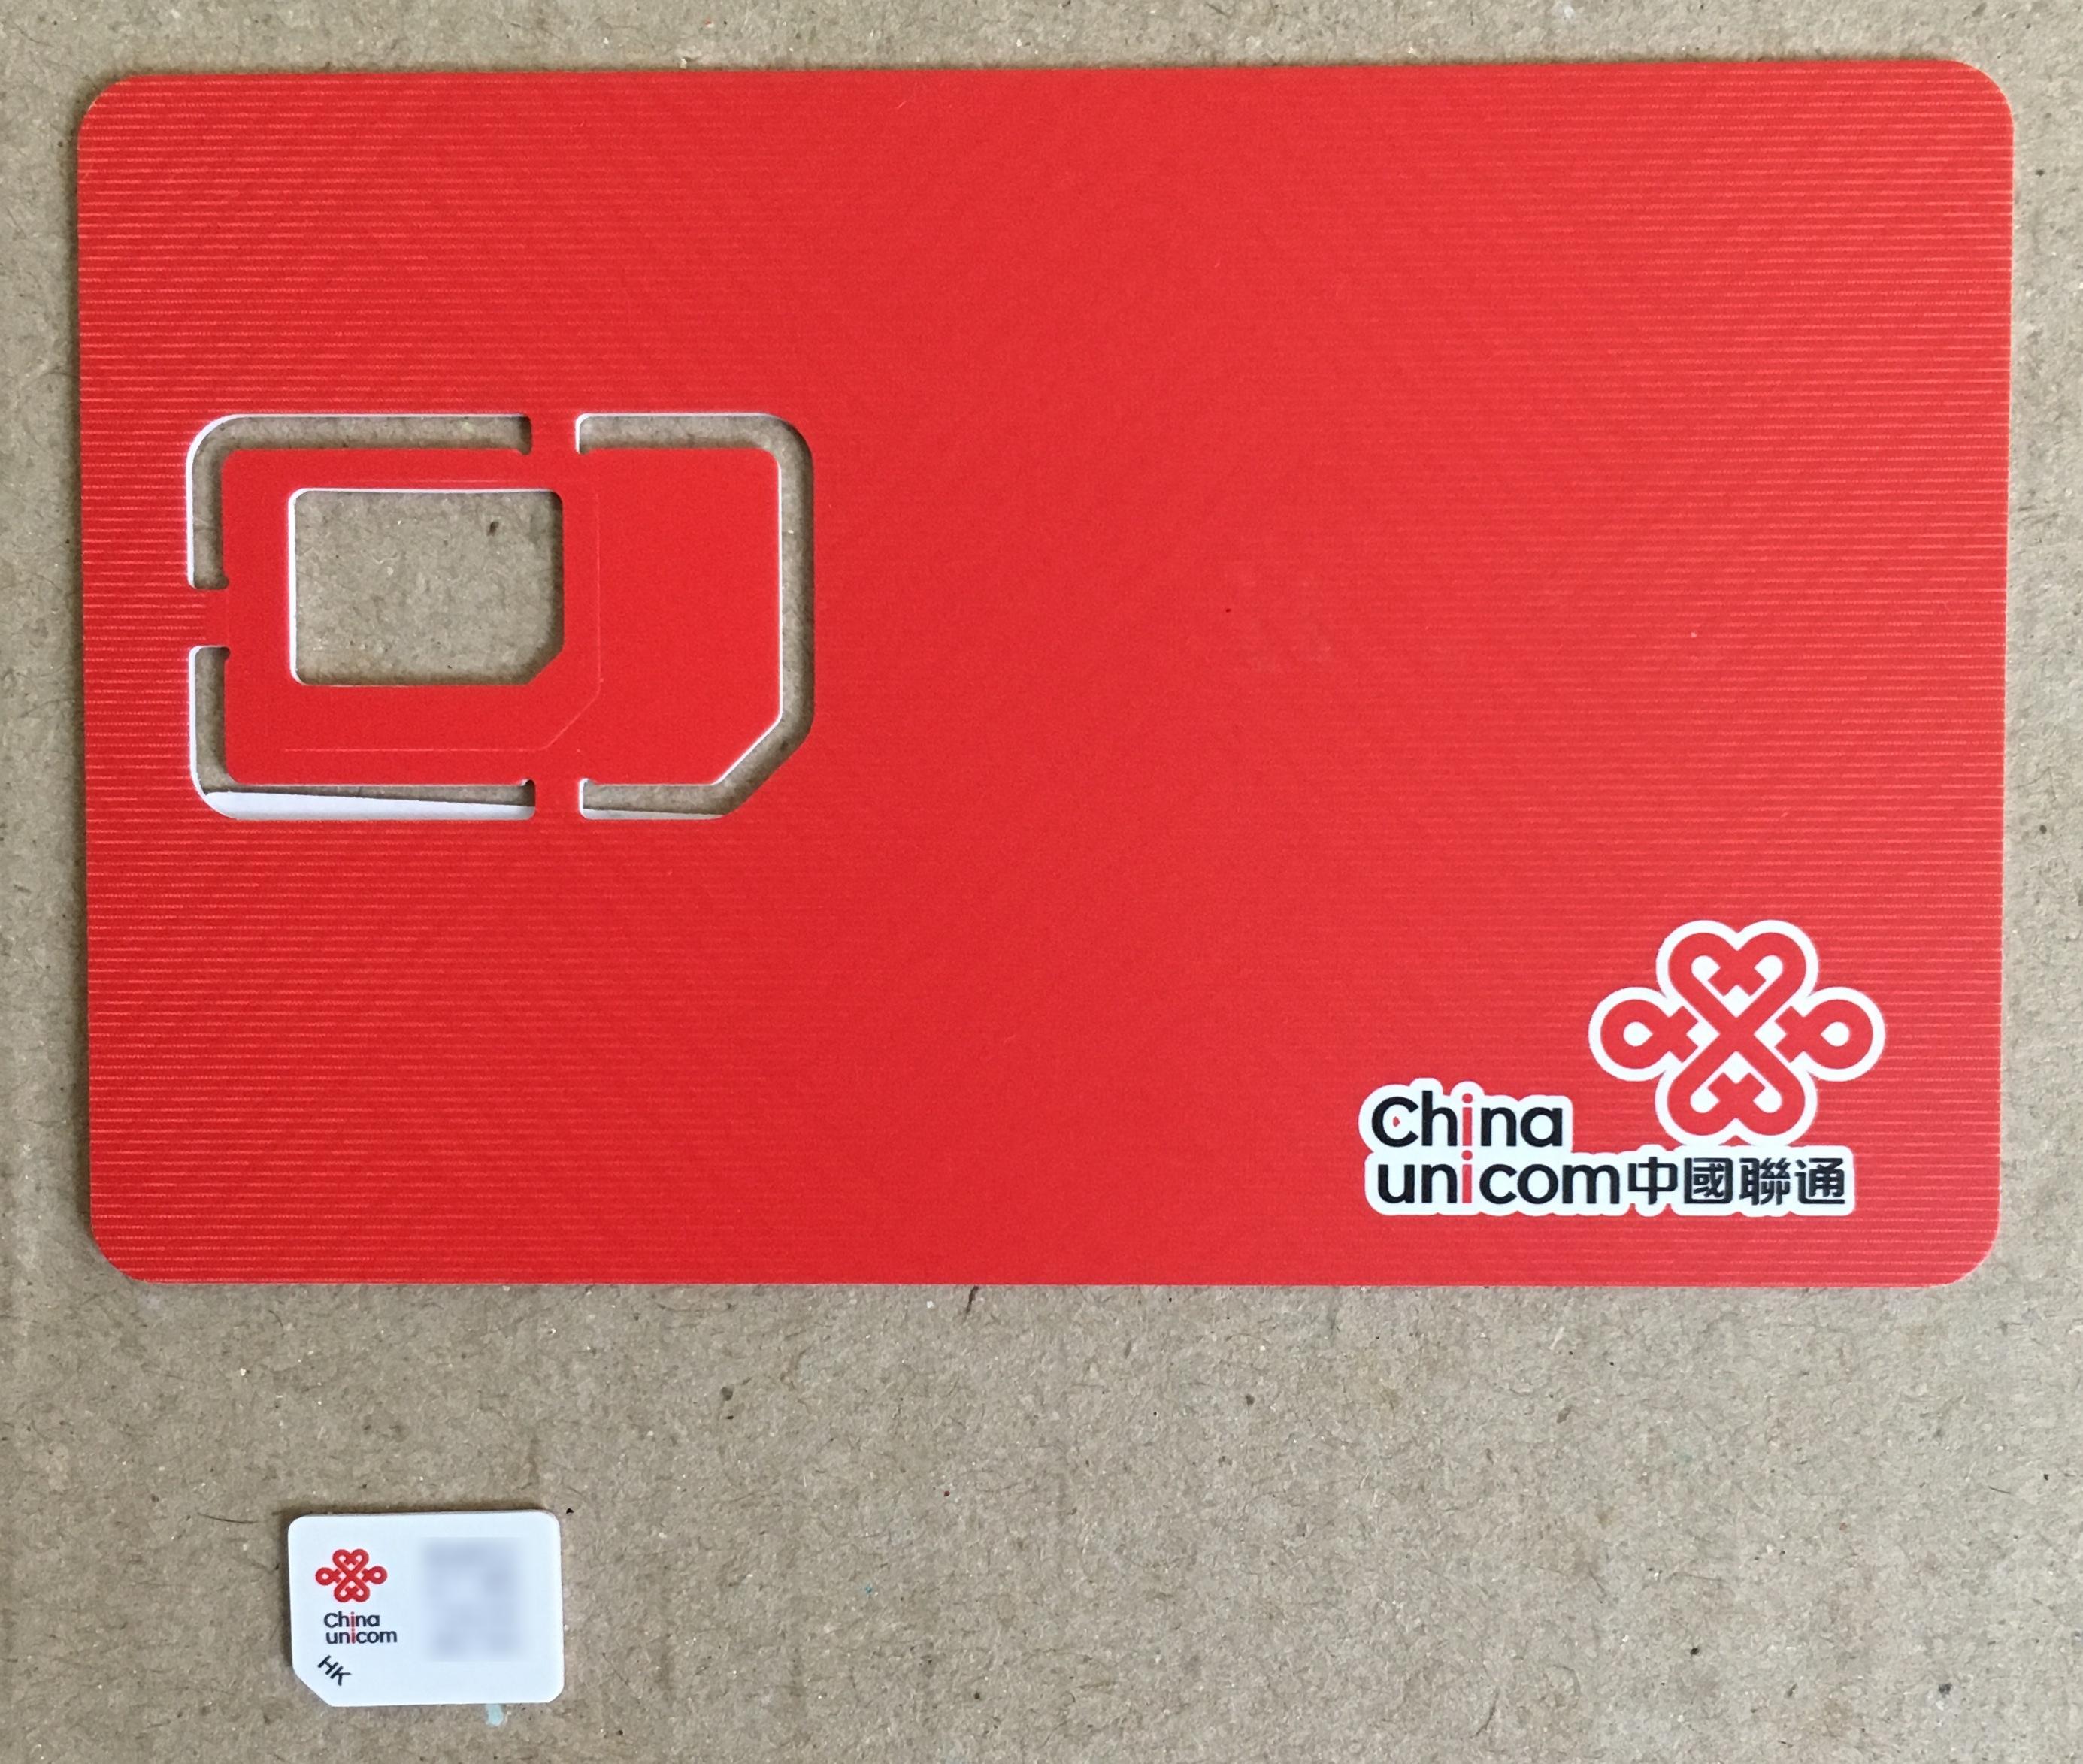 東南アジアの旅行で共通に使える4G/3GのSIM China Unicom 3サイズ対応 3in1